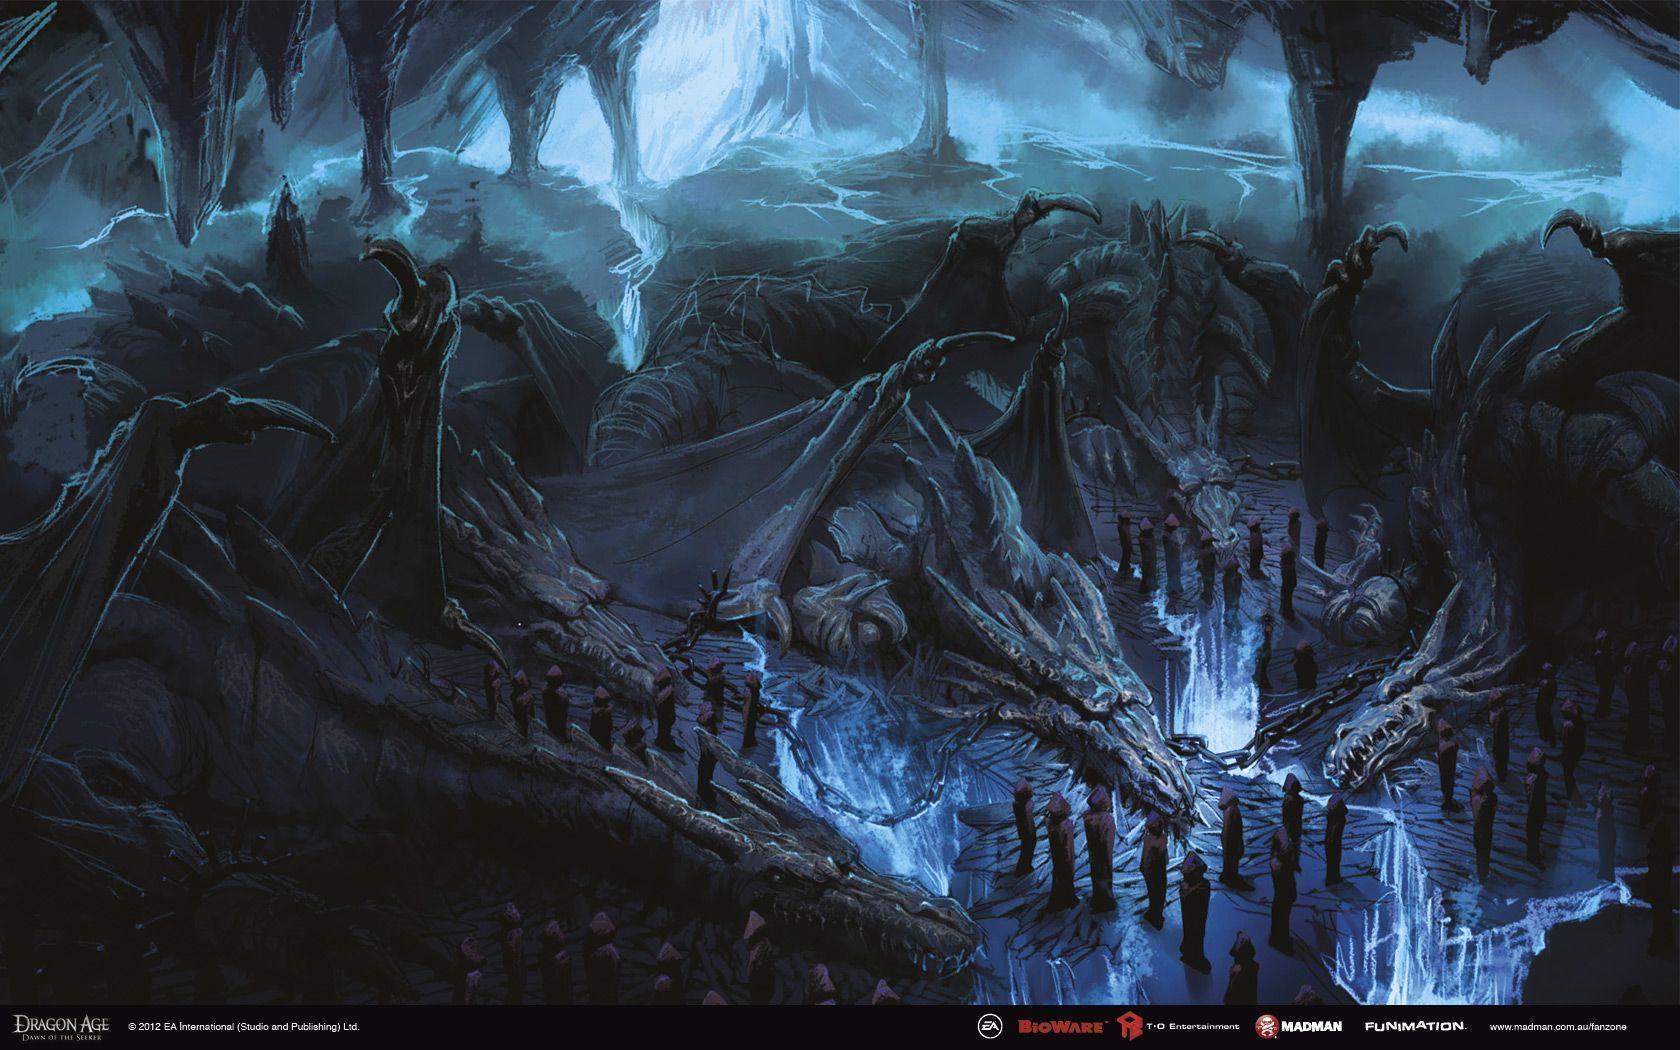 dragon age wallpaper - photo #23